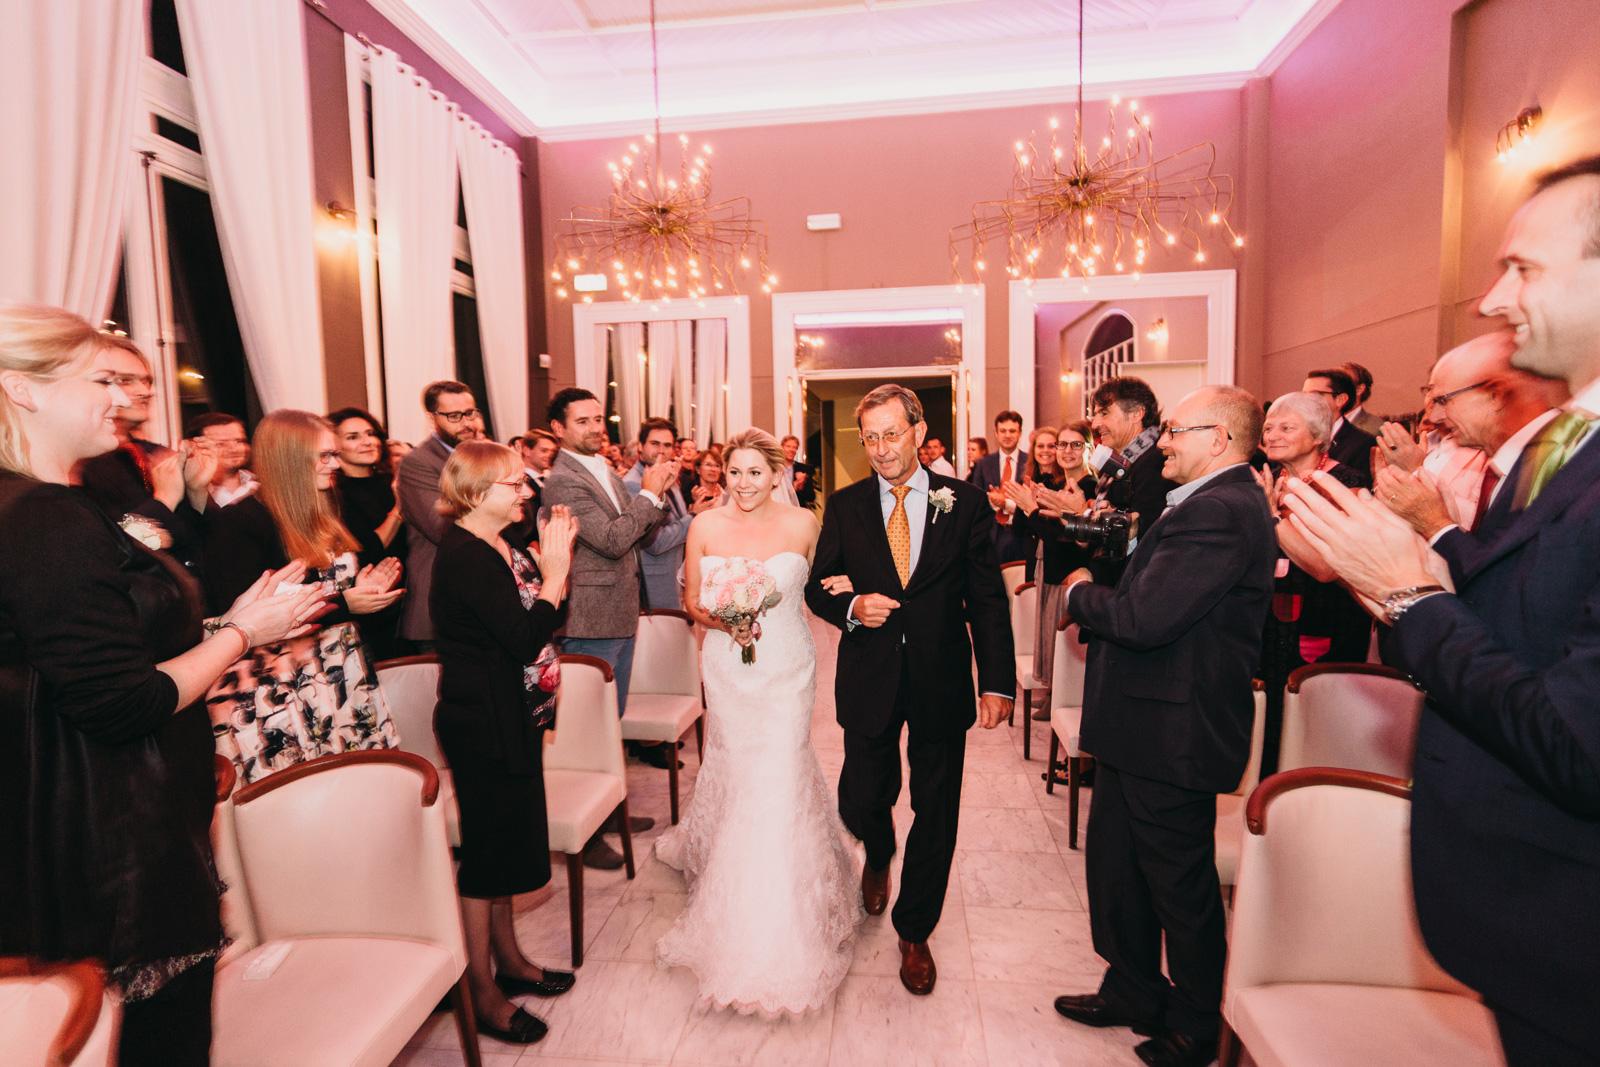 Evabloem_wedding_martine-en-jurriaan-7.jpg